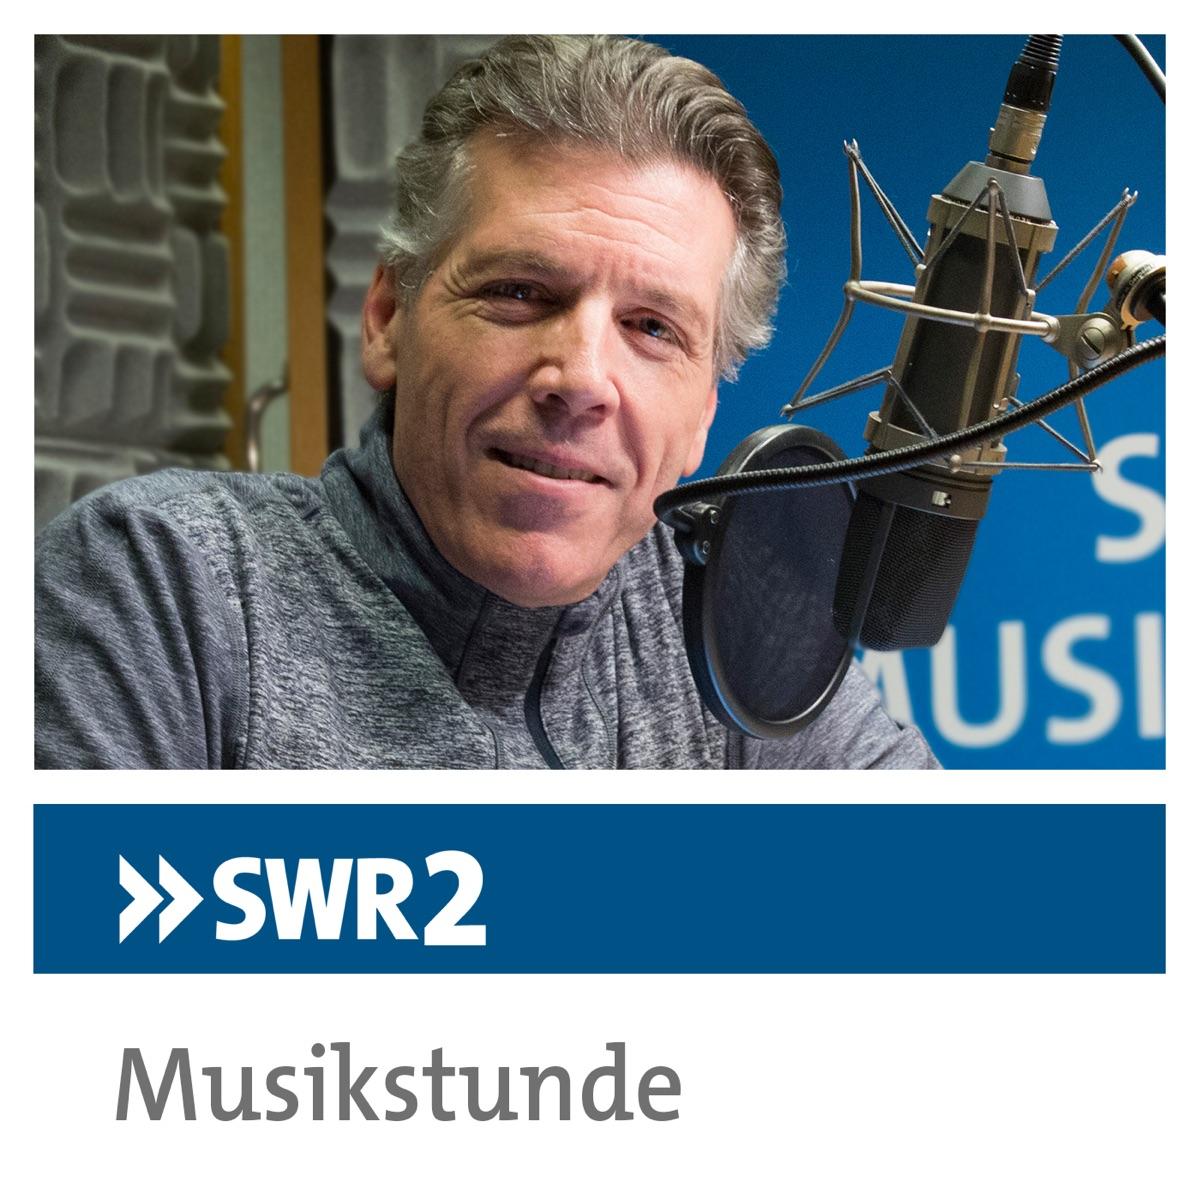 SWR2 Thomas Hampson präsentiert: Das Lied als Spiegel seiner Zeit